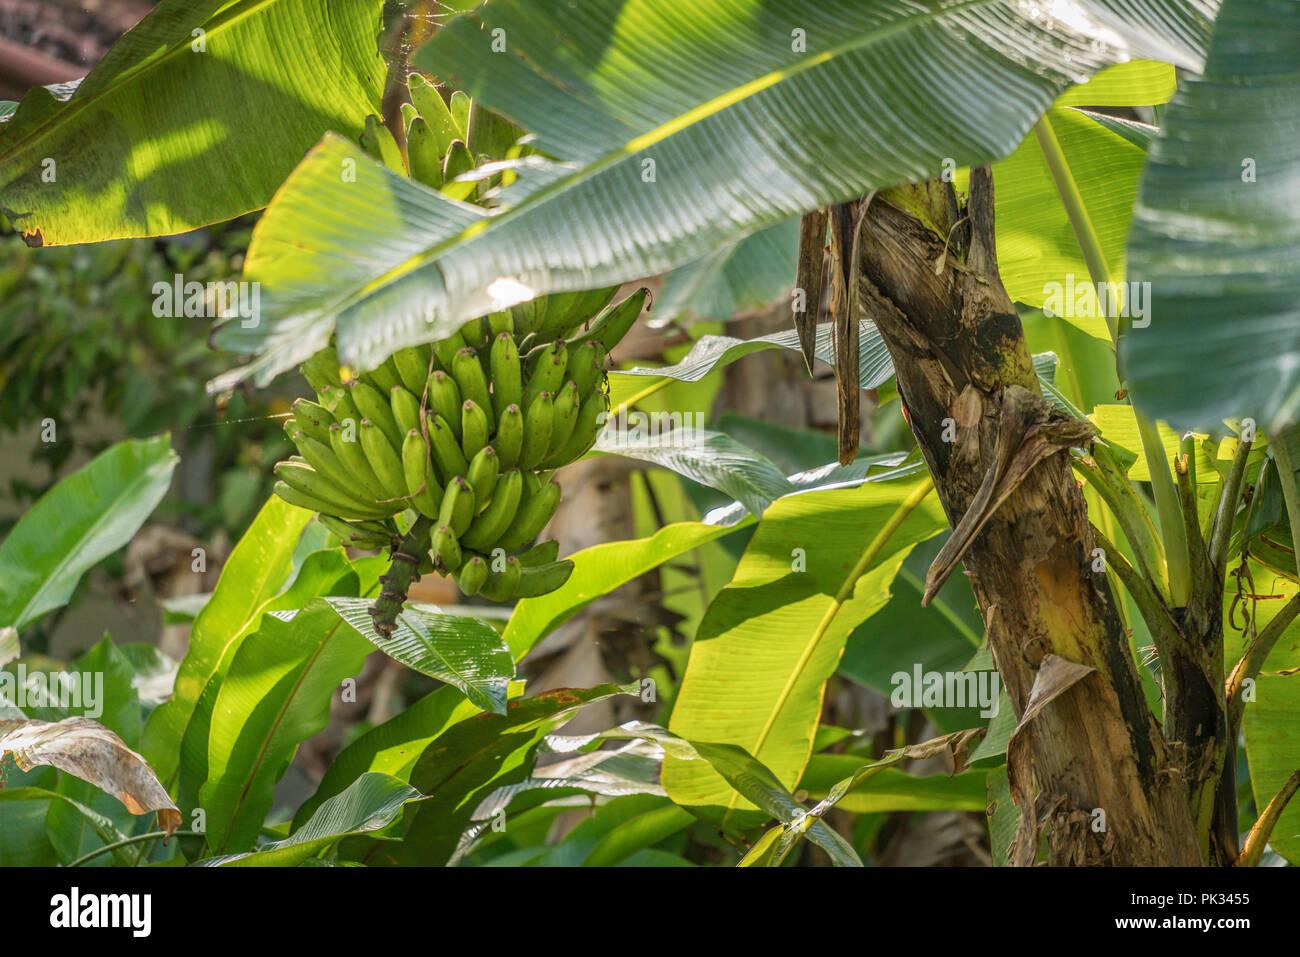 Banana Tree, Costa Rica - Stock Image